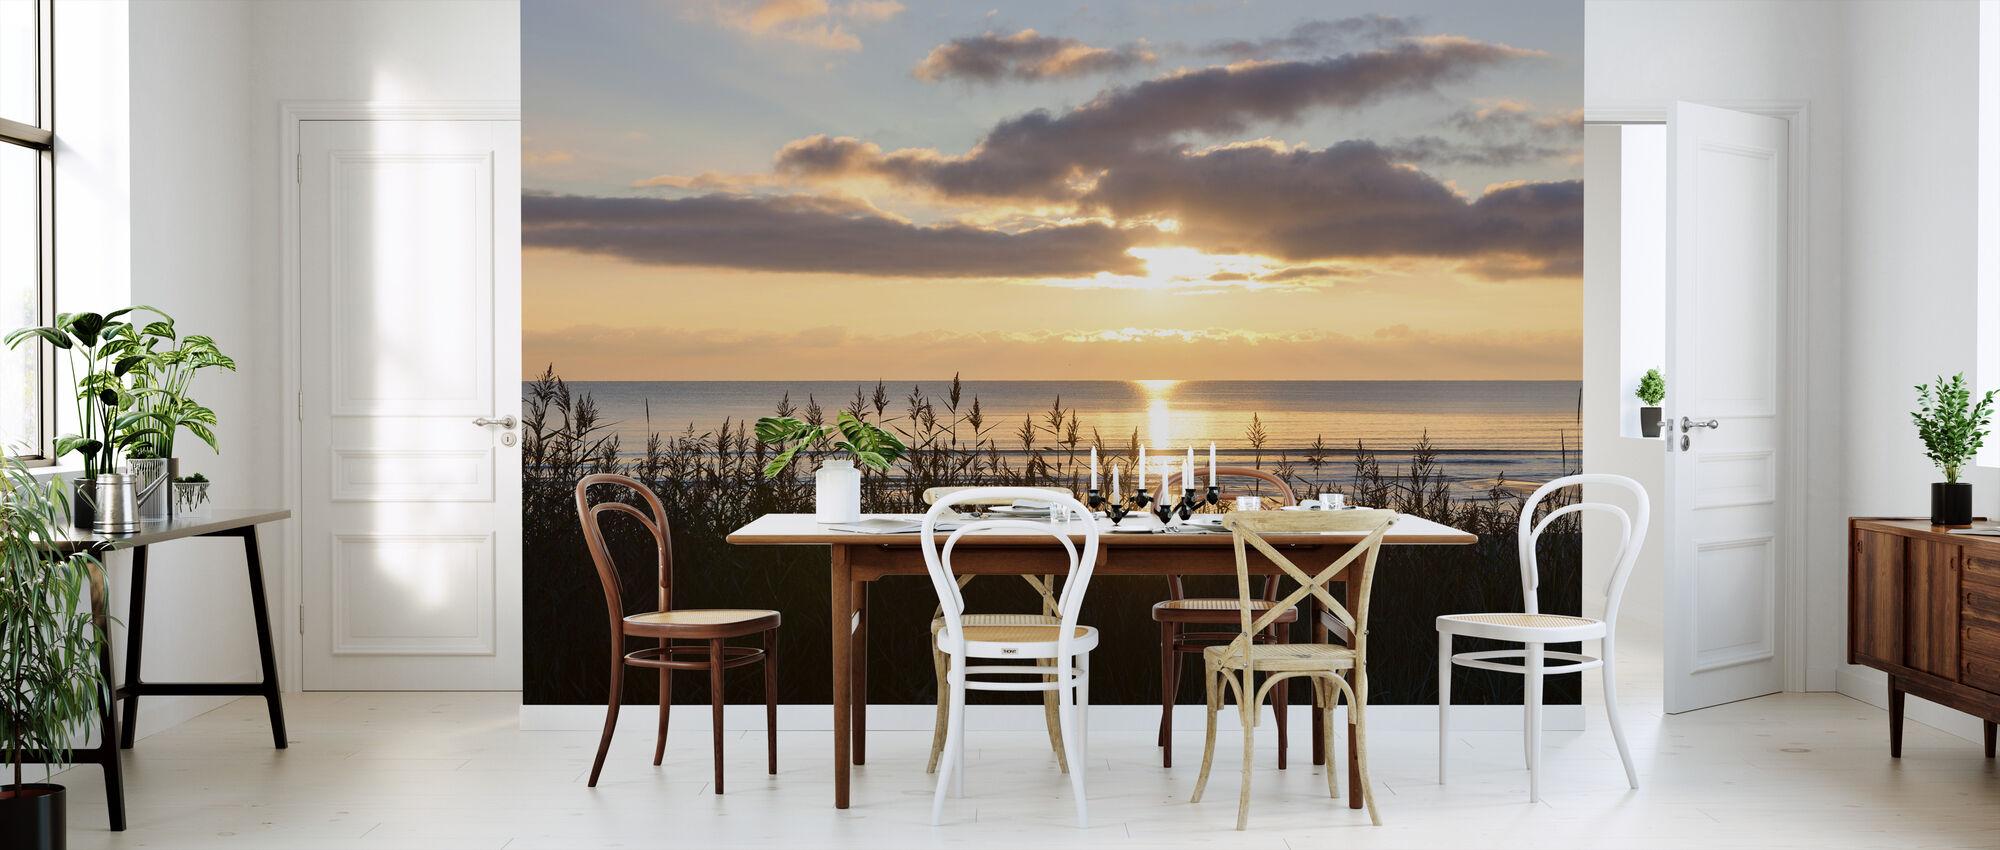 Gress og Solnedgang - Gotland - Tapet - Kjøkken